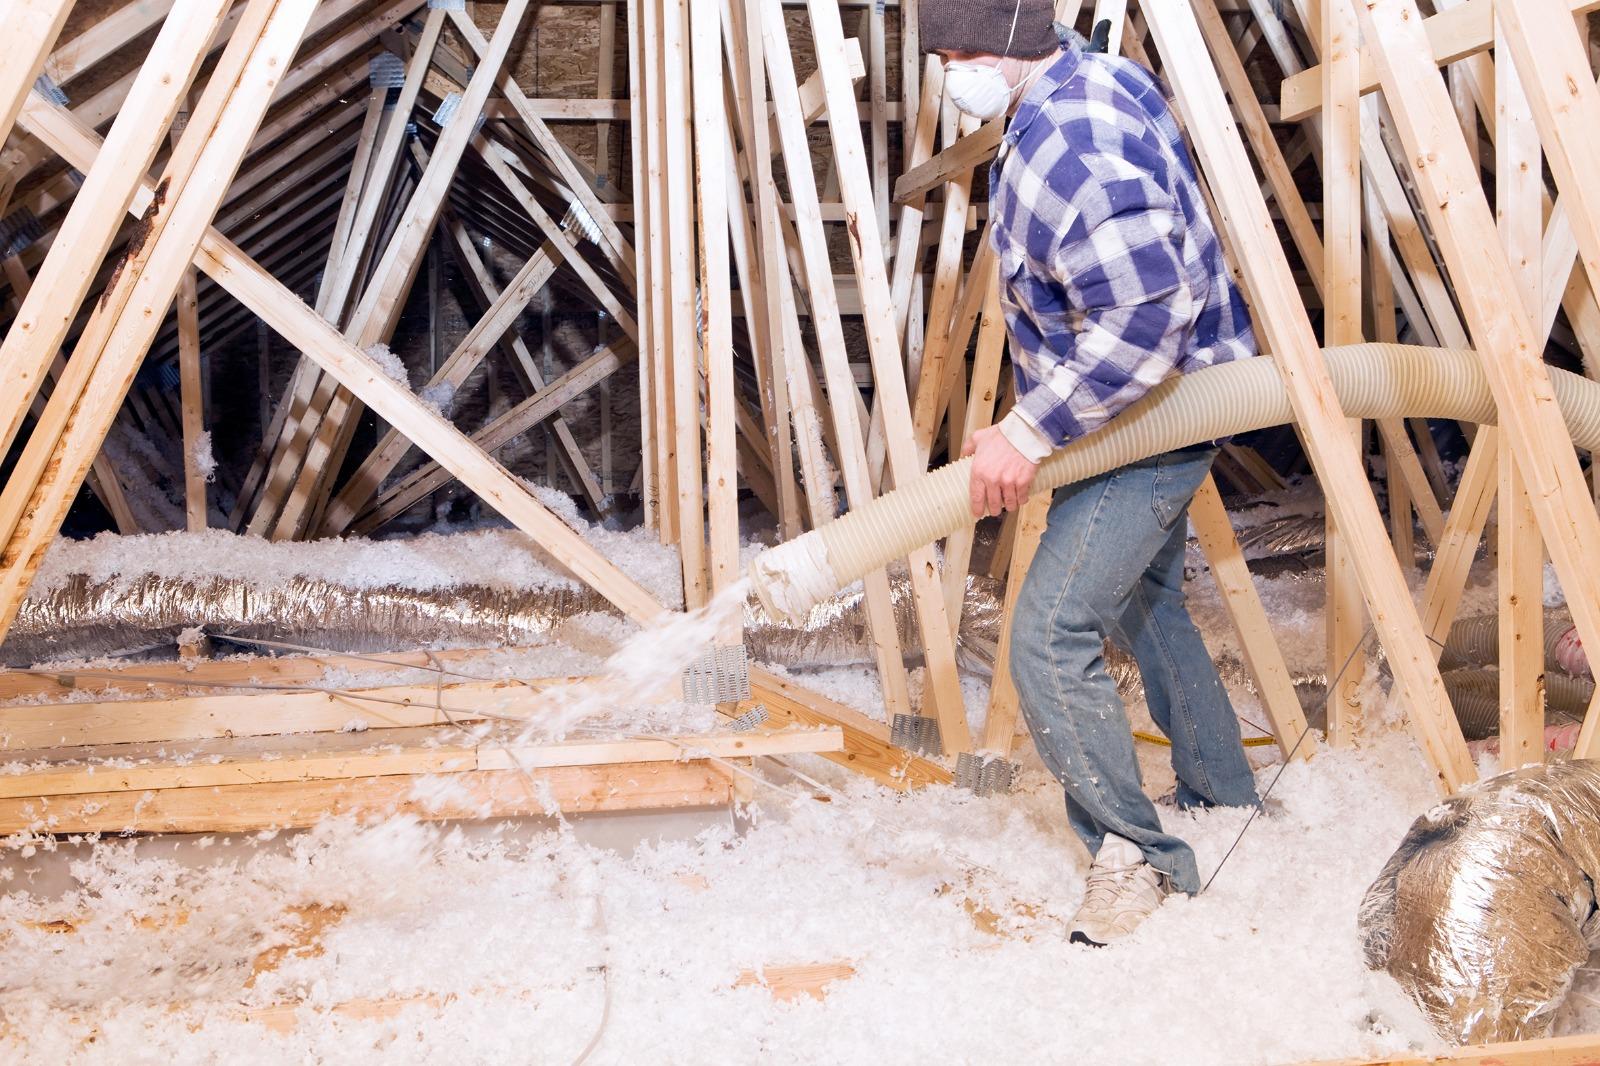 Clap de fin pour les offres de travaux à 1 € dans le résidentiel : des travaux peu économes et propices aux arnaques ? Hellio livre son analyse sur fond d'étude auprès de ses bénéficiaires